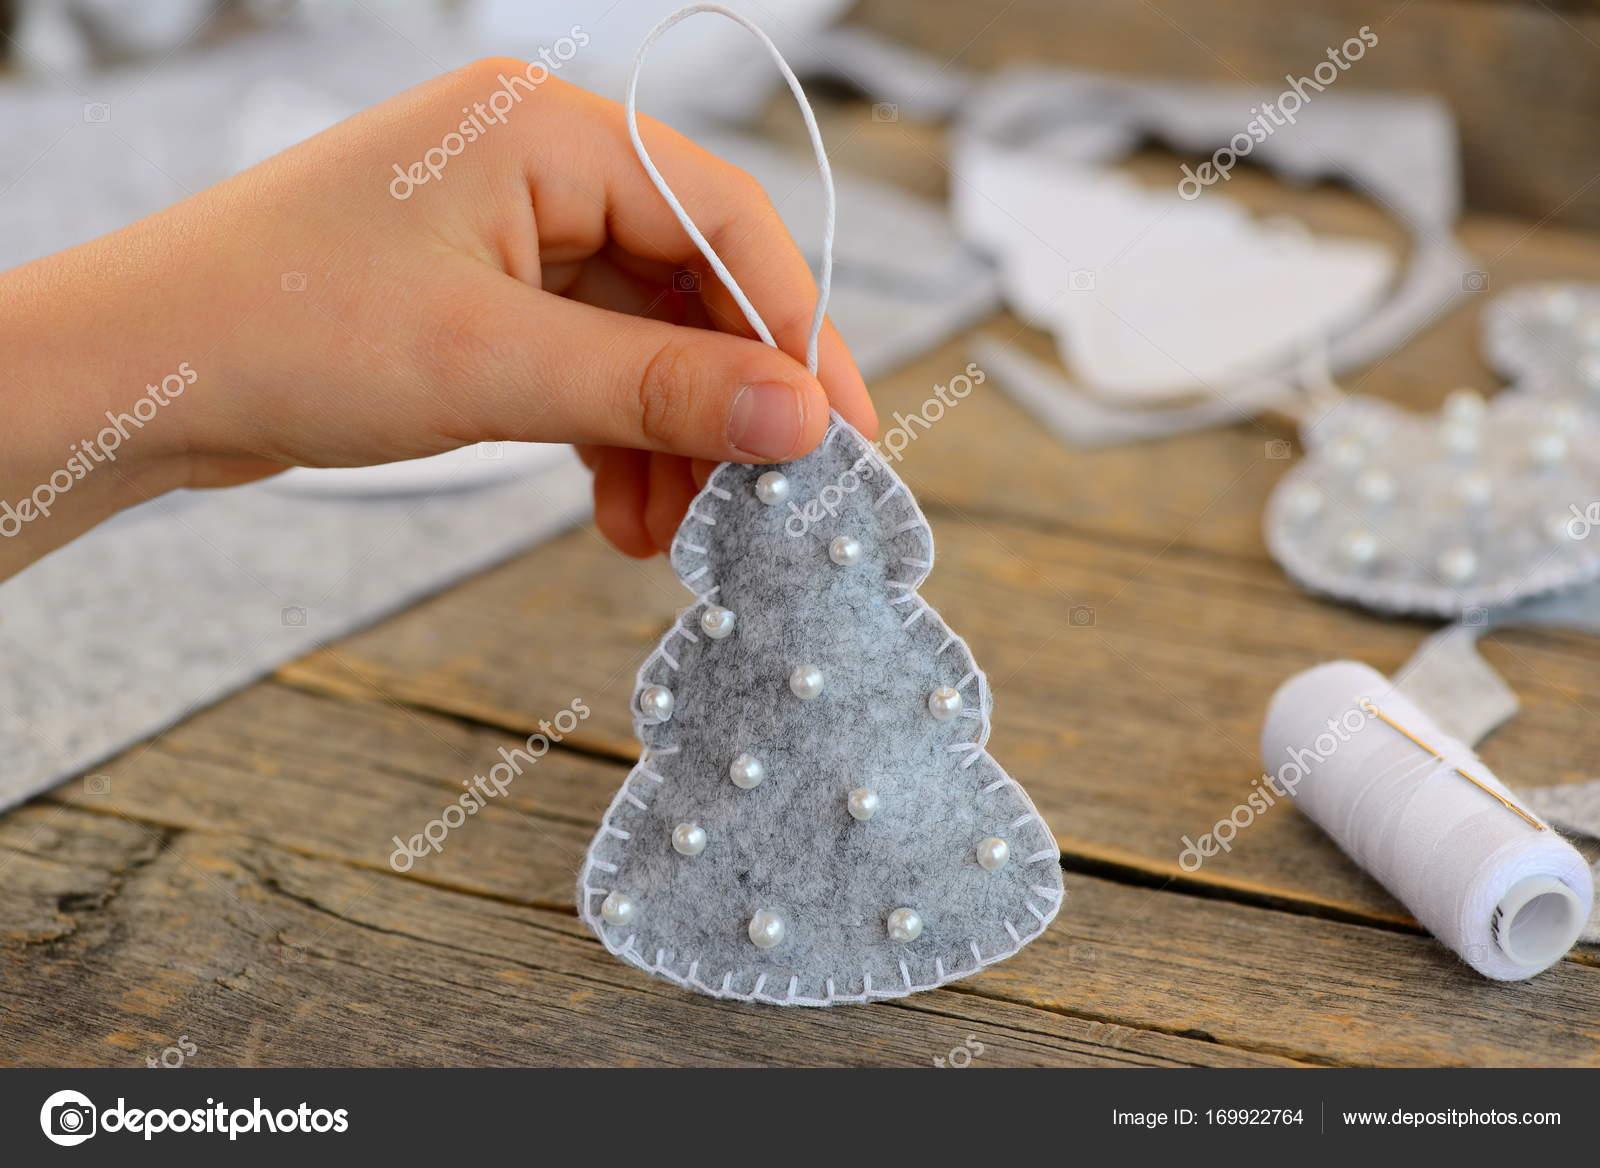 Idee Cucito Per Natale : Il bambino mostra un albero di natale feltro giocattolo il